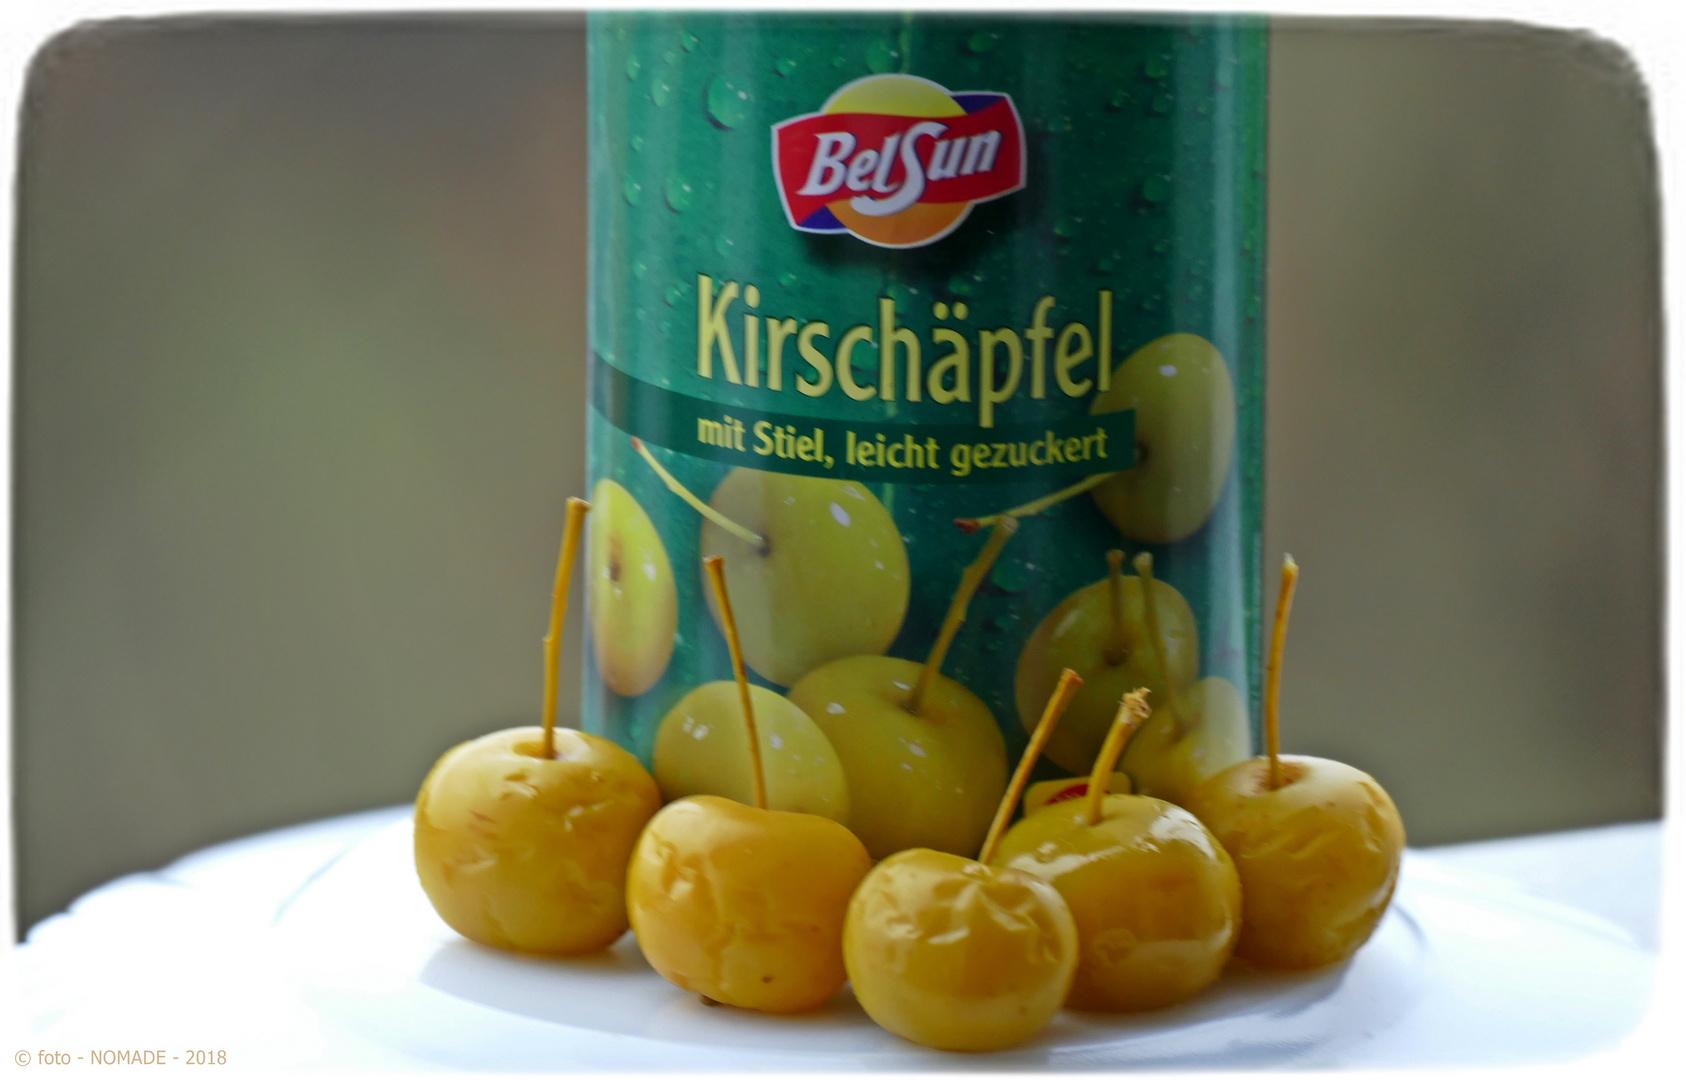 Lecker: Kirschäpfel aus dem Reich der Mitte